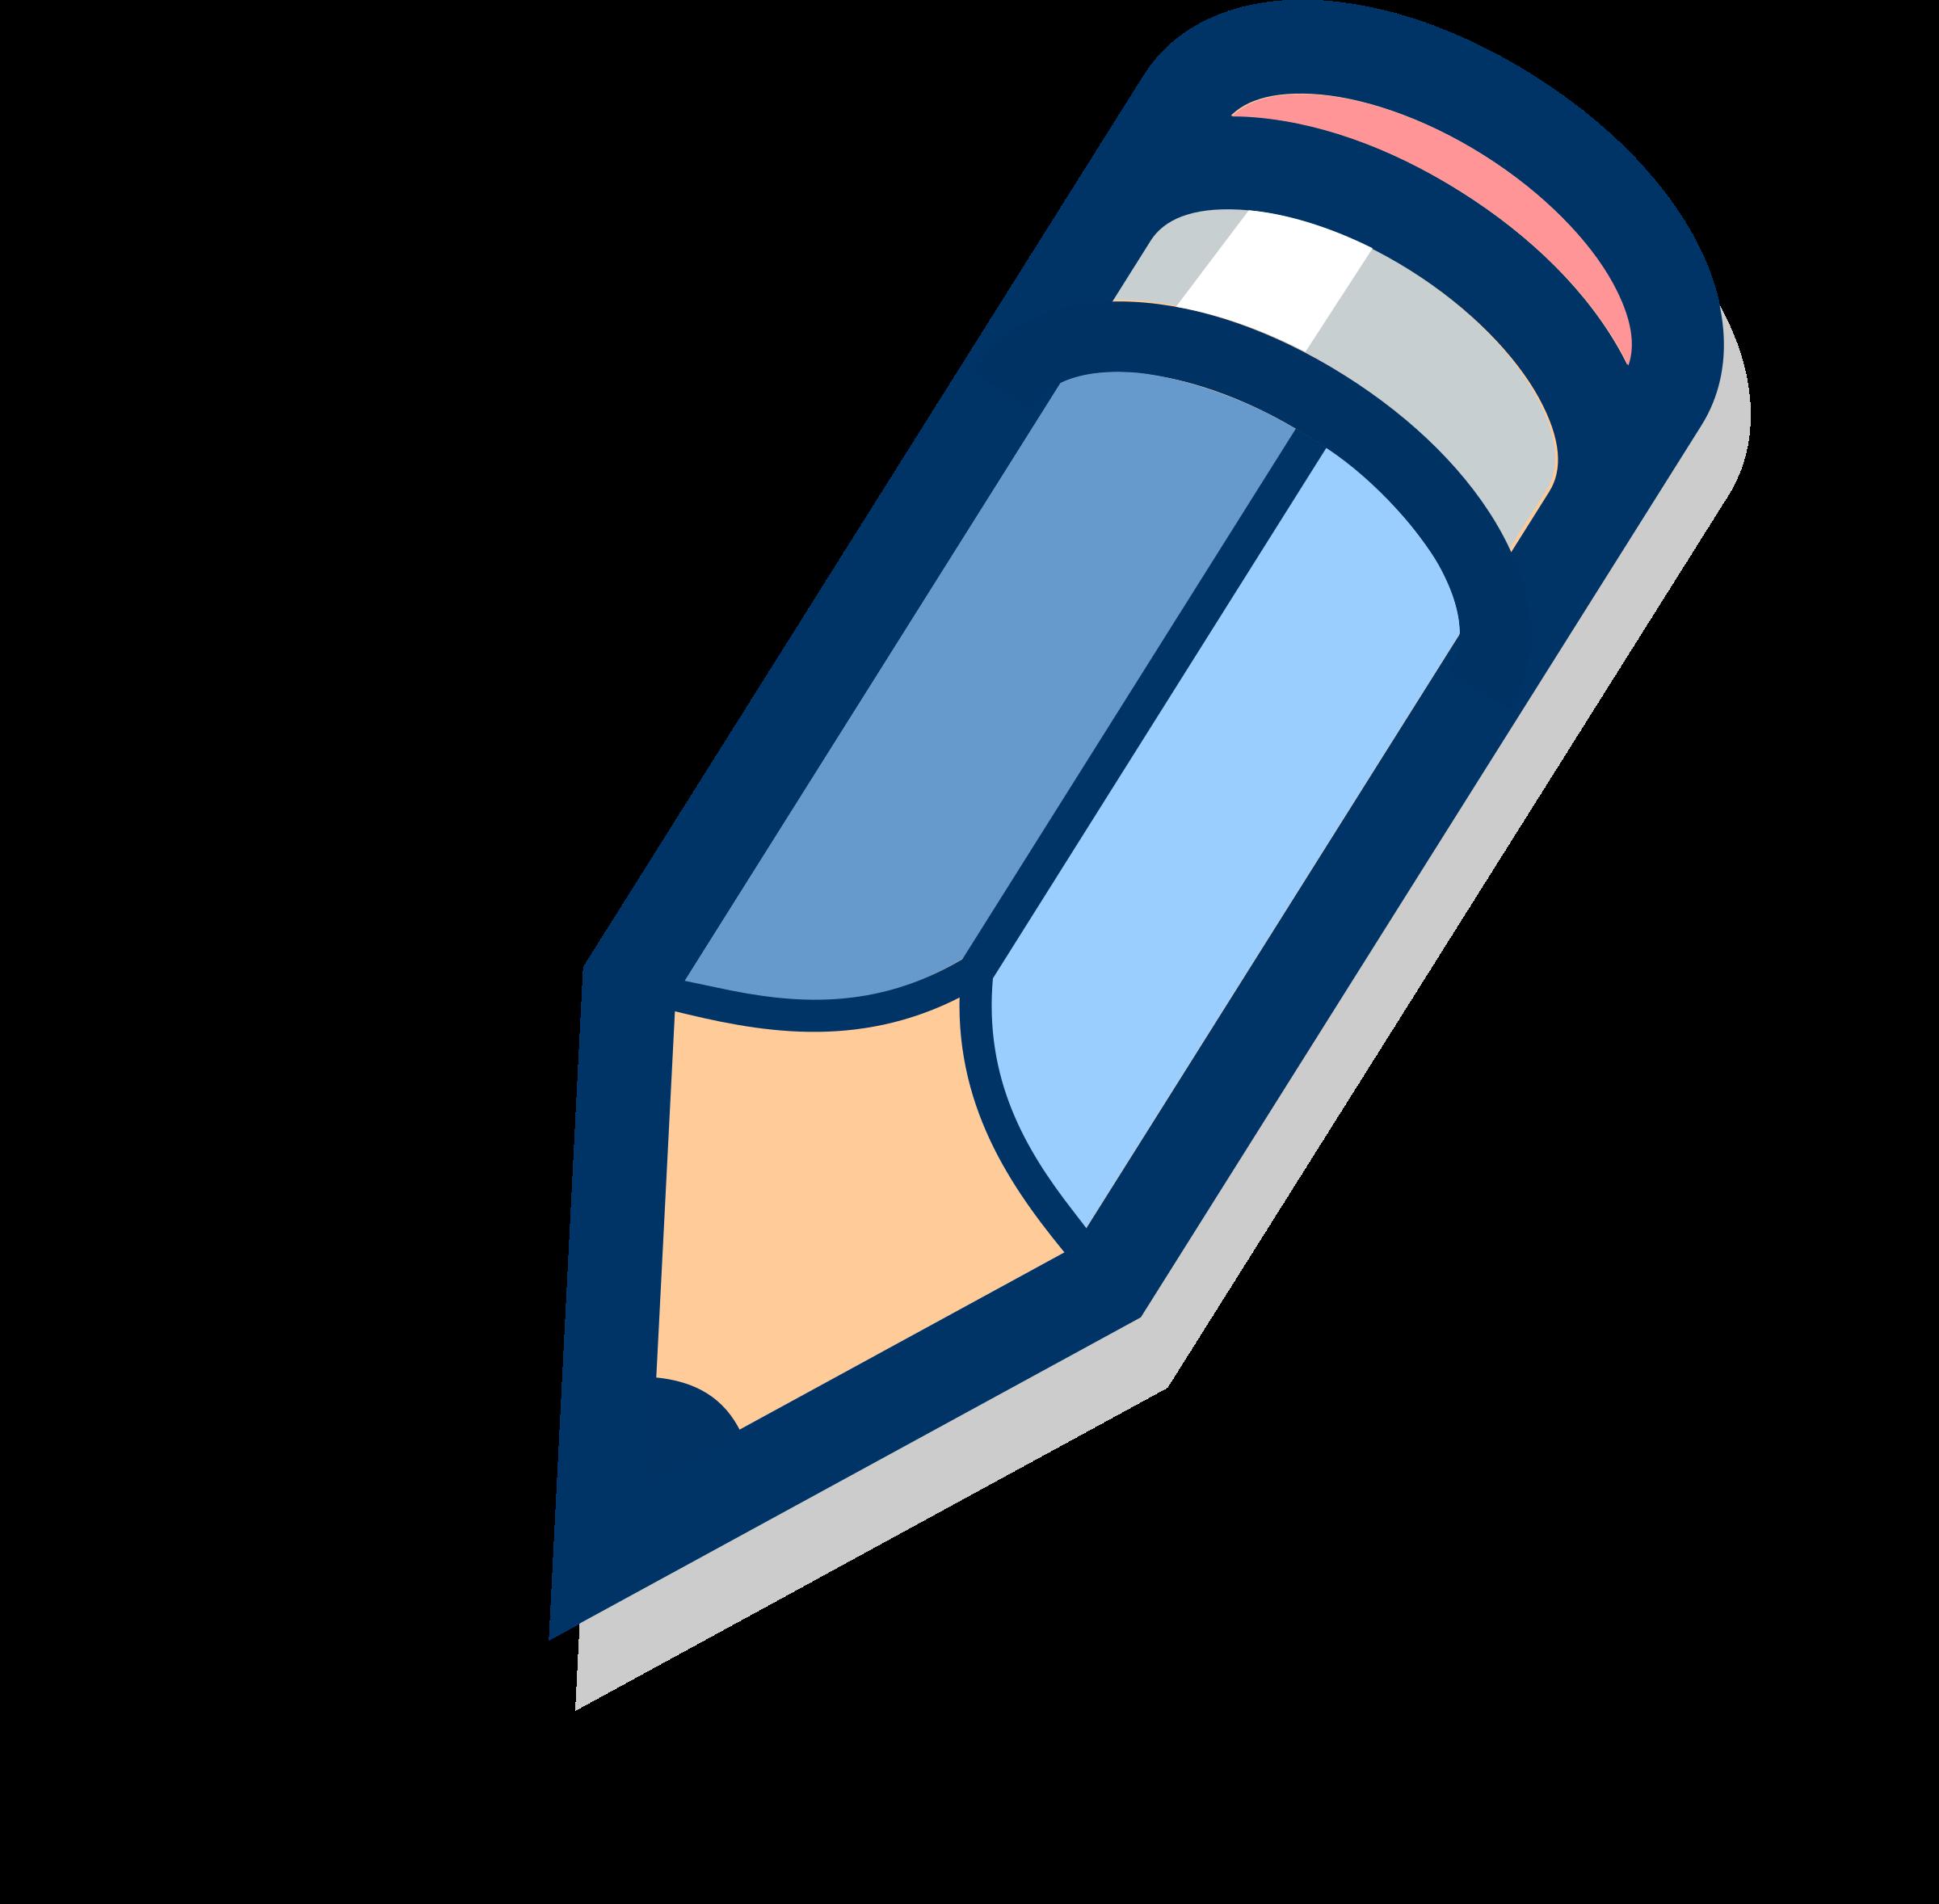 Big image png. Clipart pencil logo